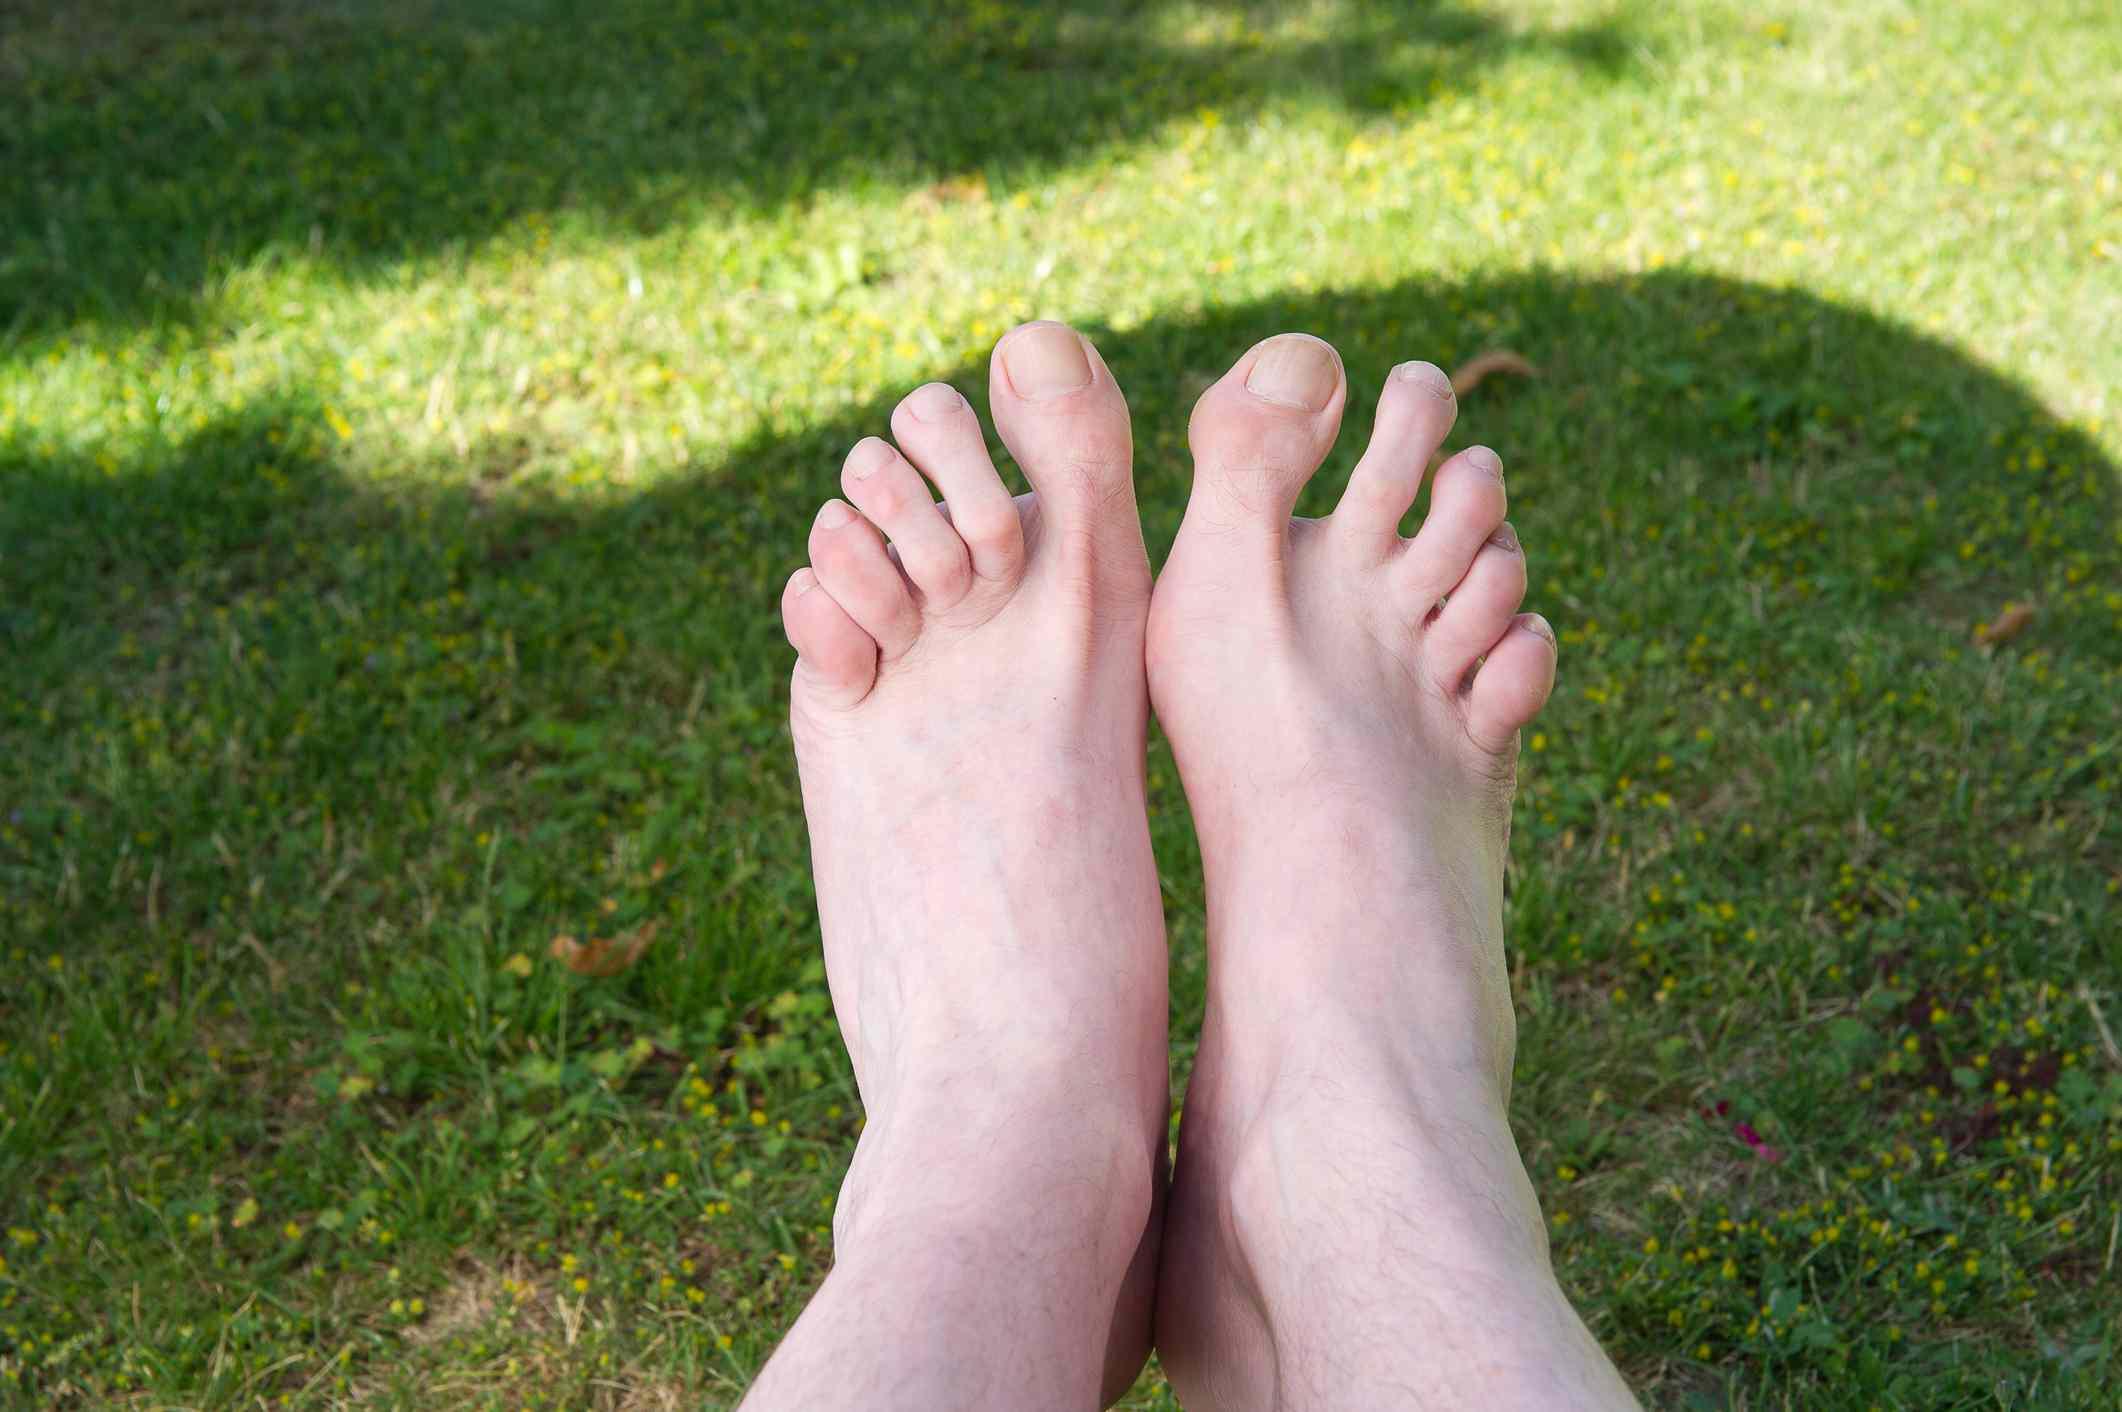 Rheumatoid nodules on toe joints